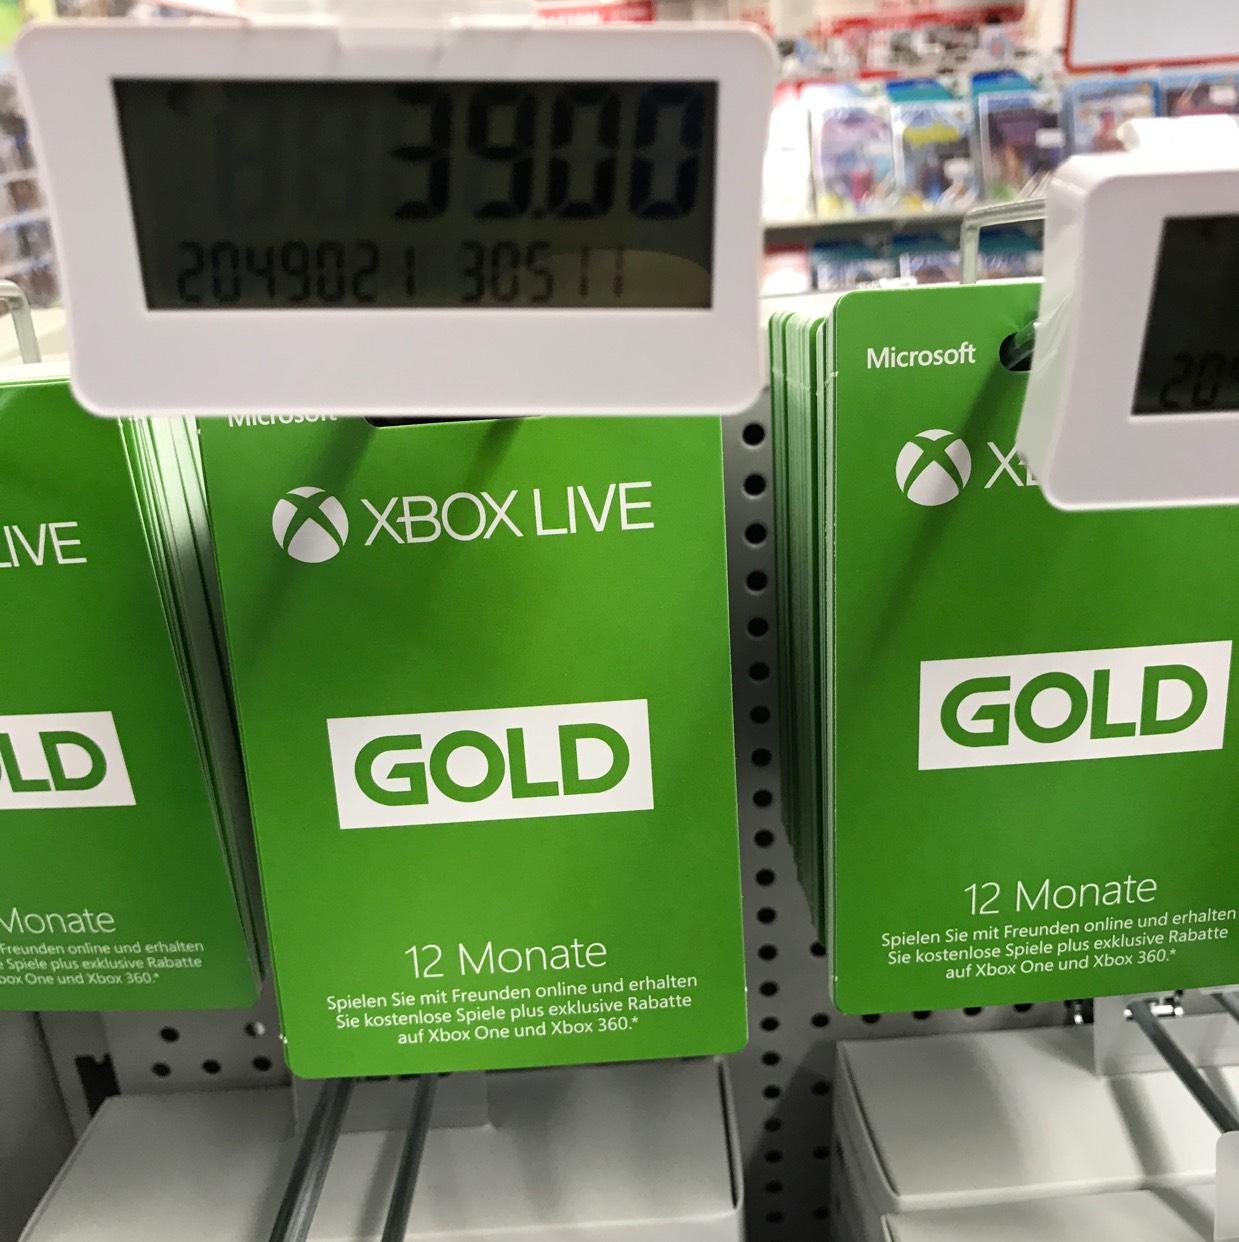 Xbox Live 12 Monate - Media Markt (ggf Bundesweit?!)